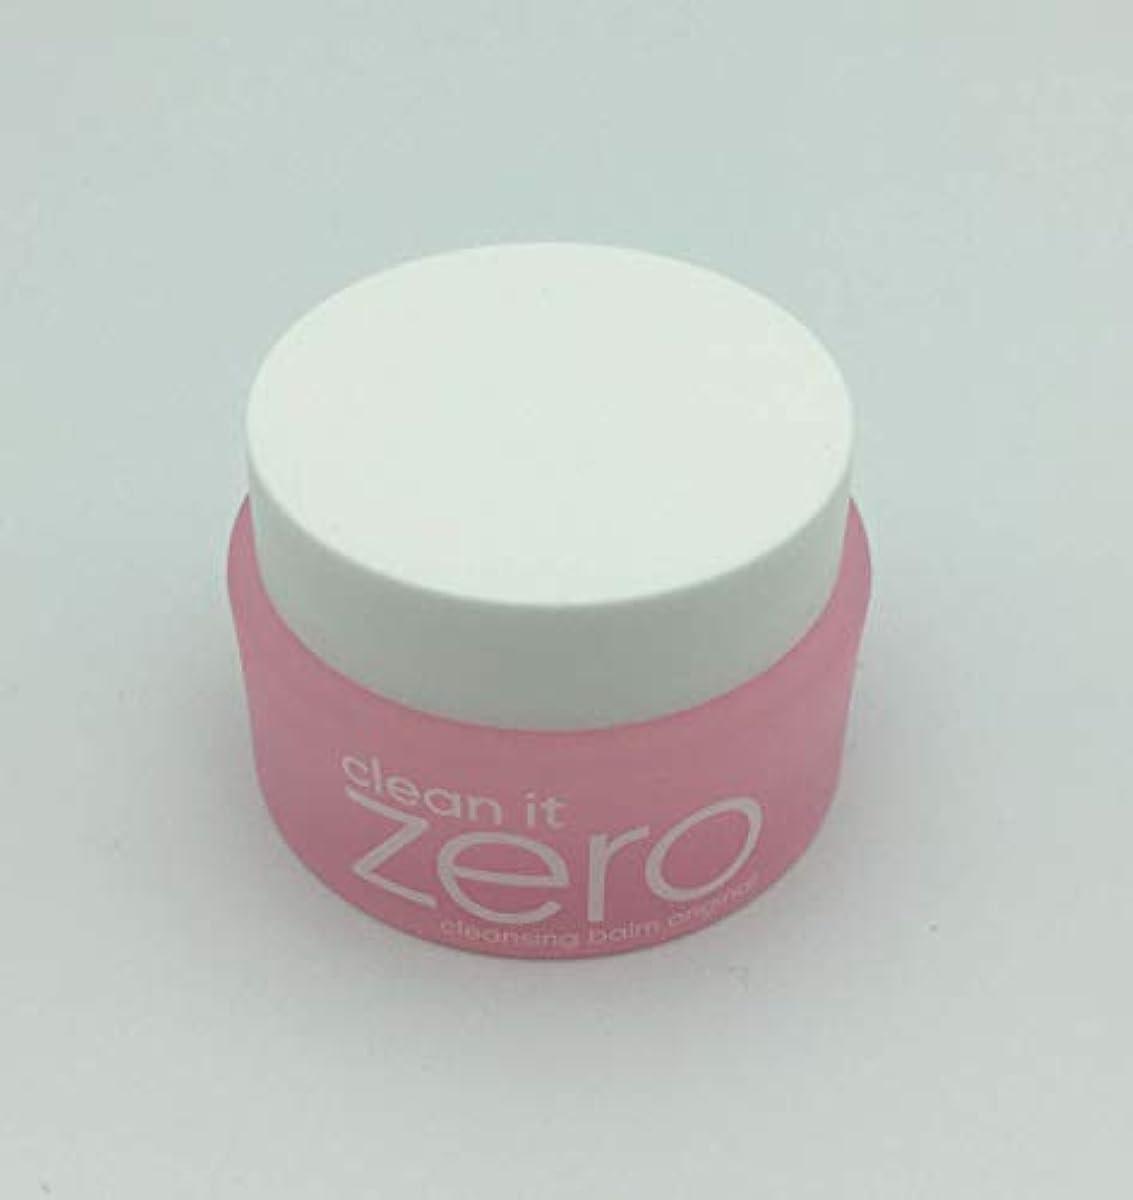 妊娠したロール連結するバニラコ クリーン イット ゼロ クレンジング バーム オリジナル 25ml / Clean It Zero Cleansing Balm Original 25ml [並行輸入品]